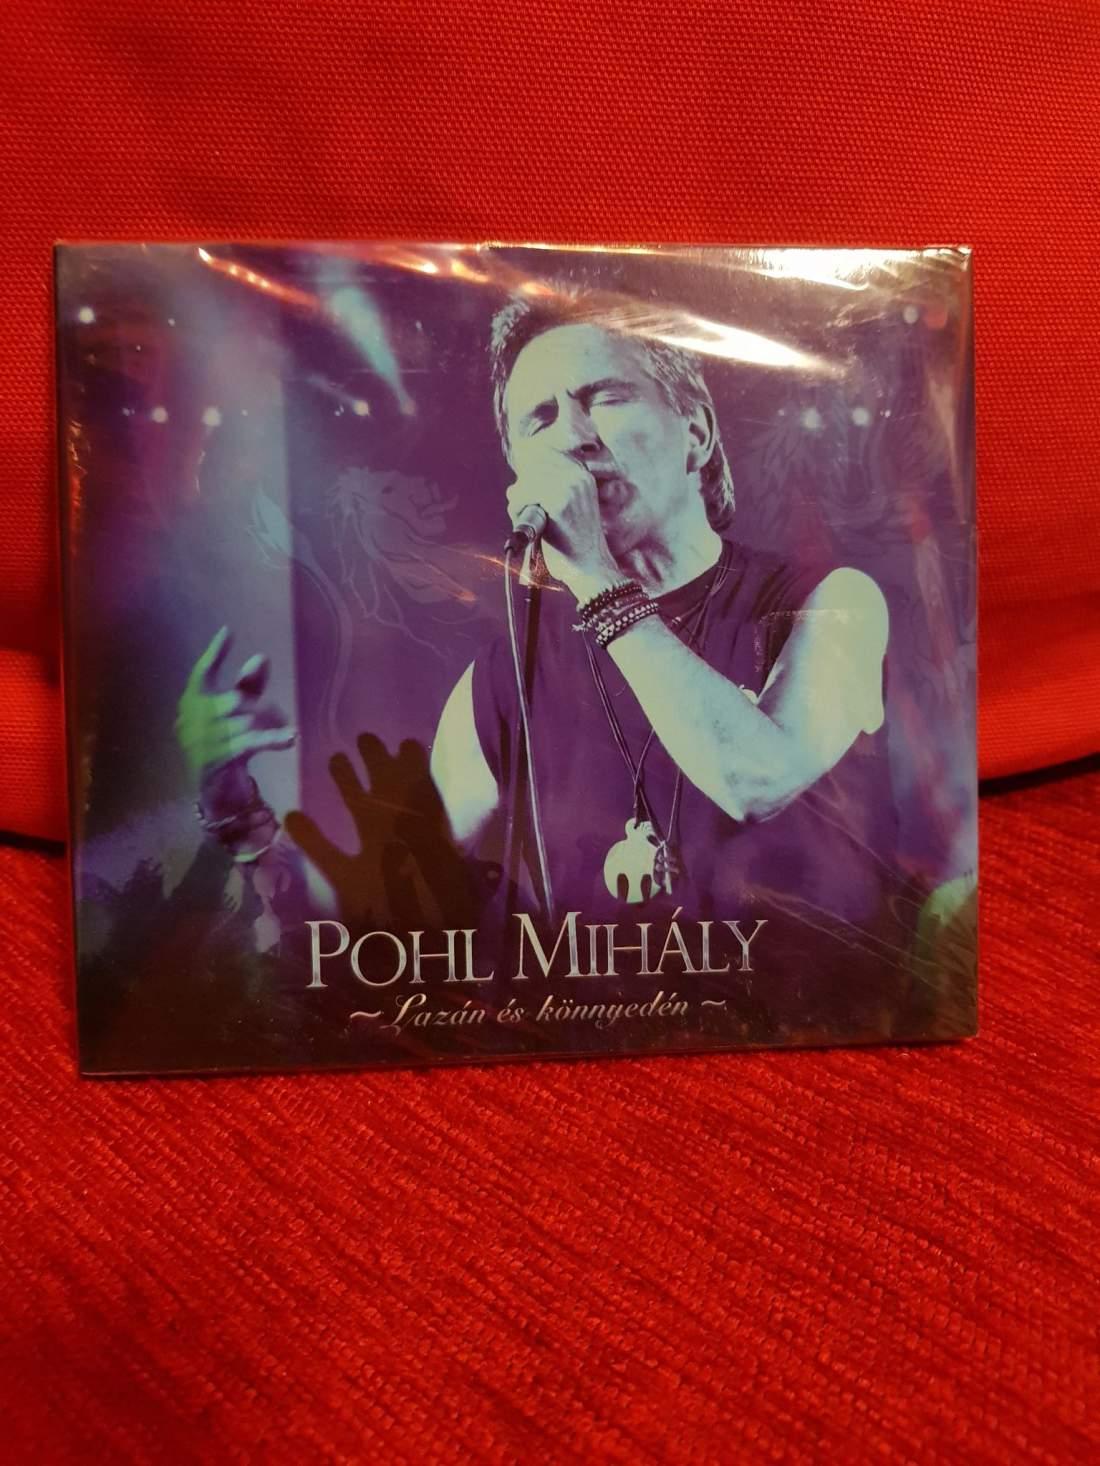 POHL MIHÁLY - LAZÁN ÉS KÖNNYEDÉN CD